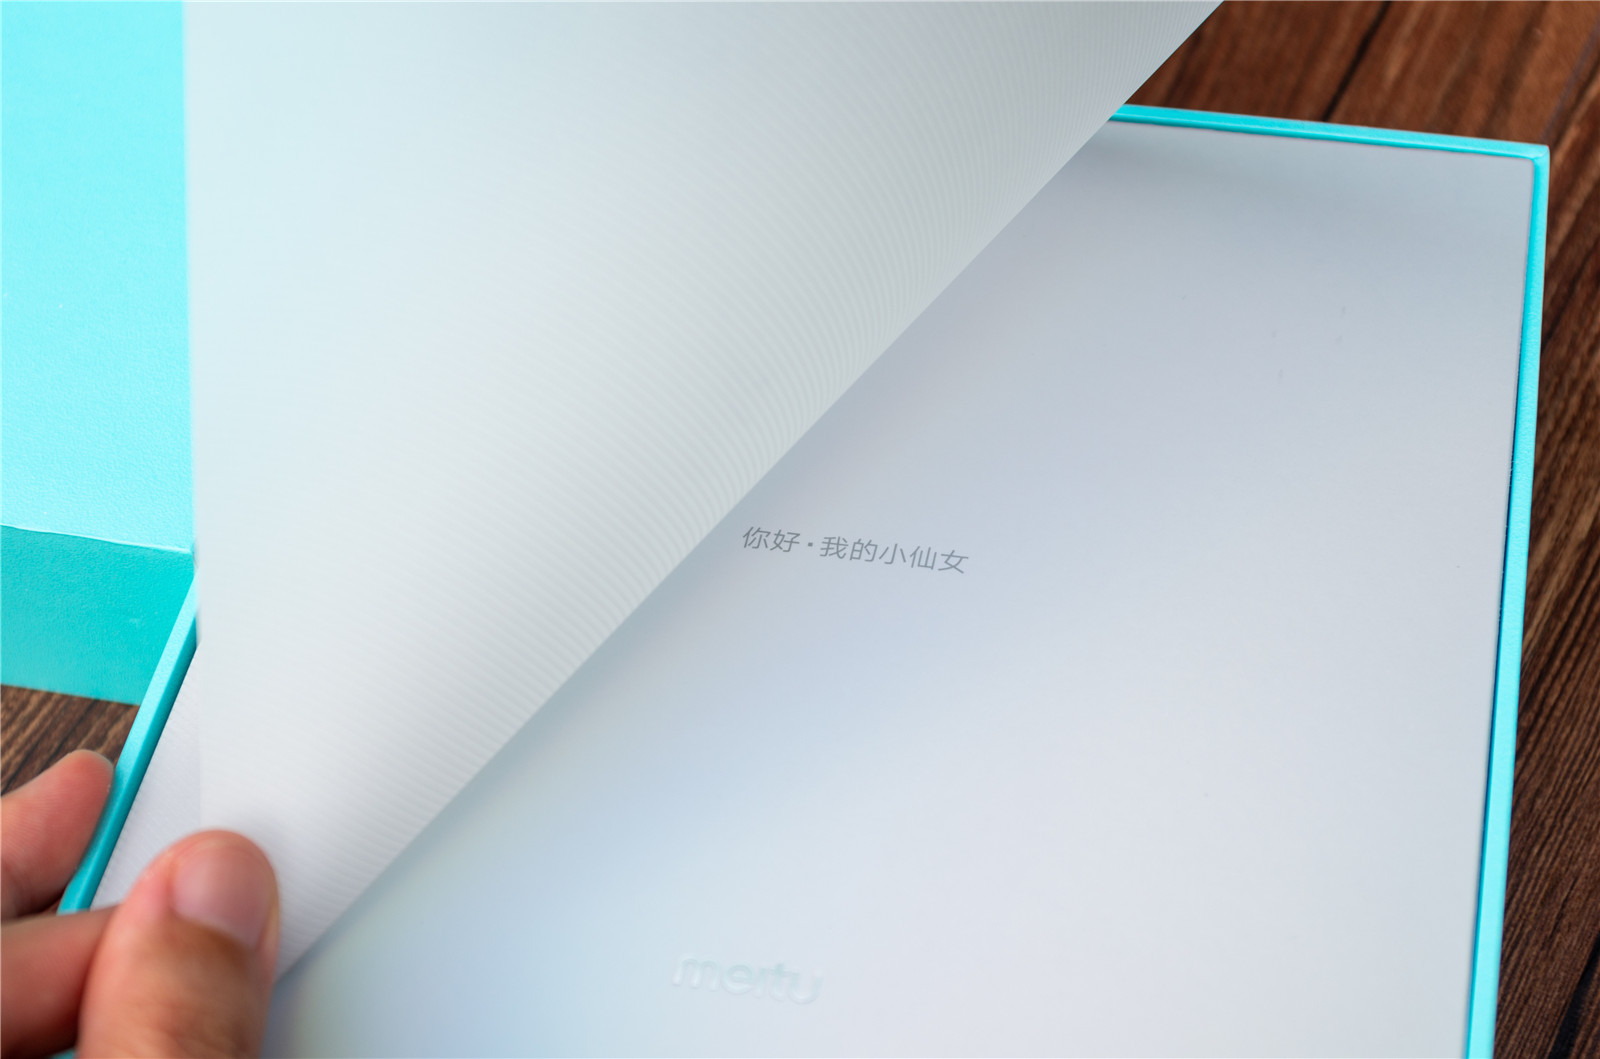 小米CC9美图定制版评测:有颜值、自拍就足够了